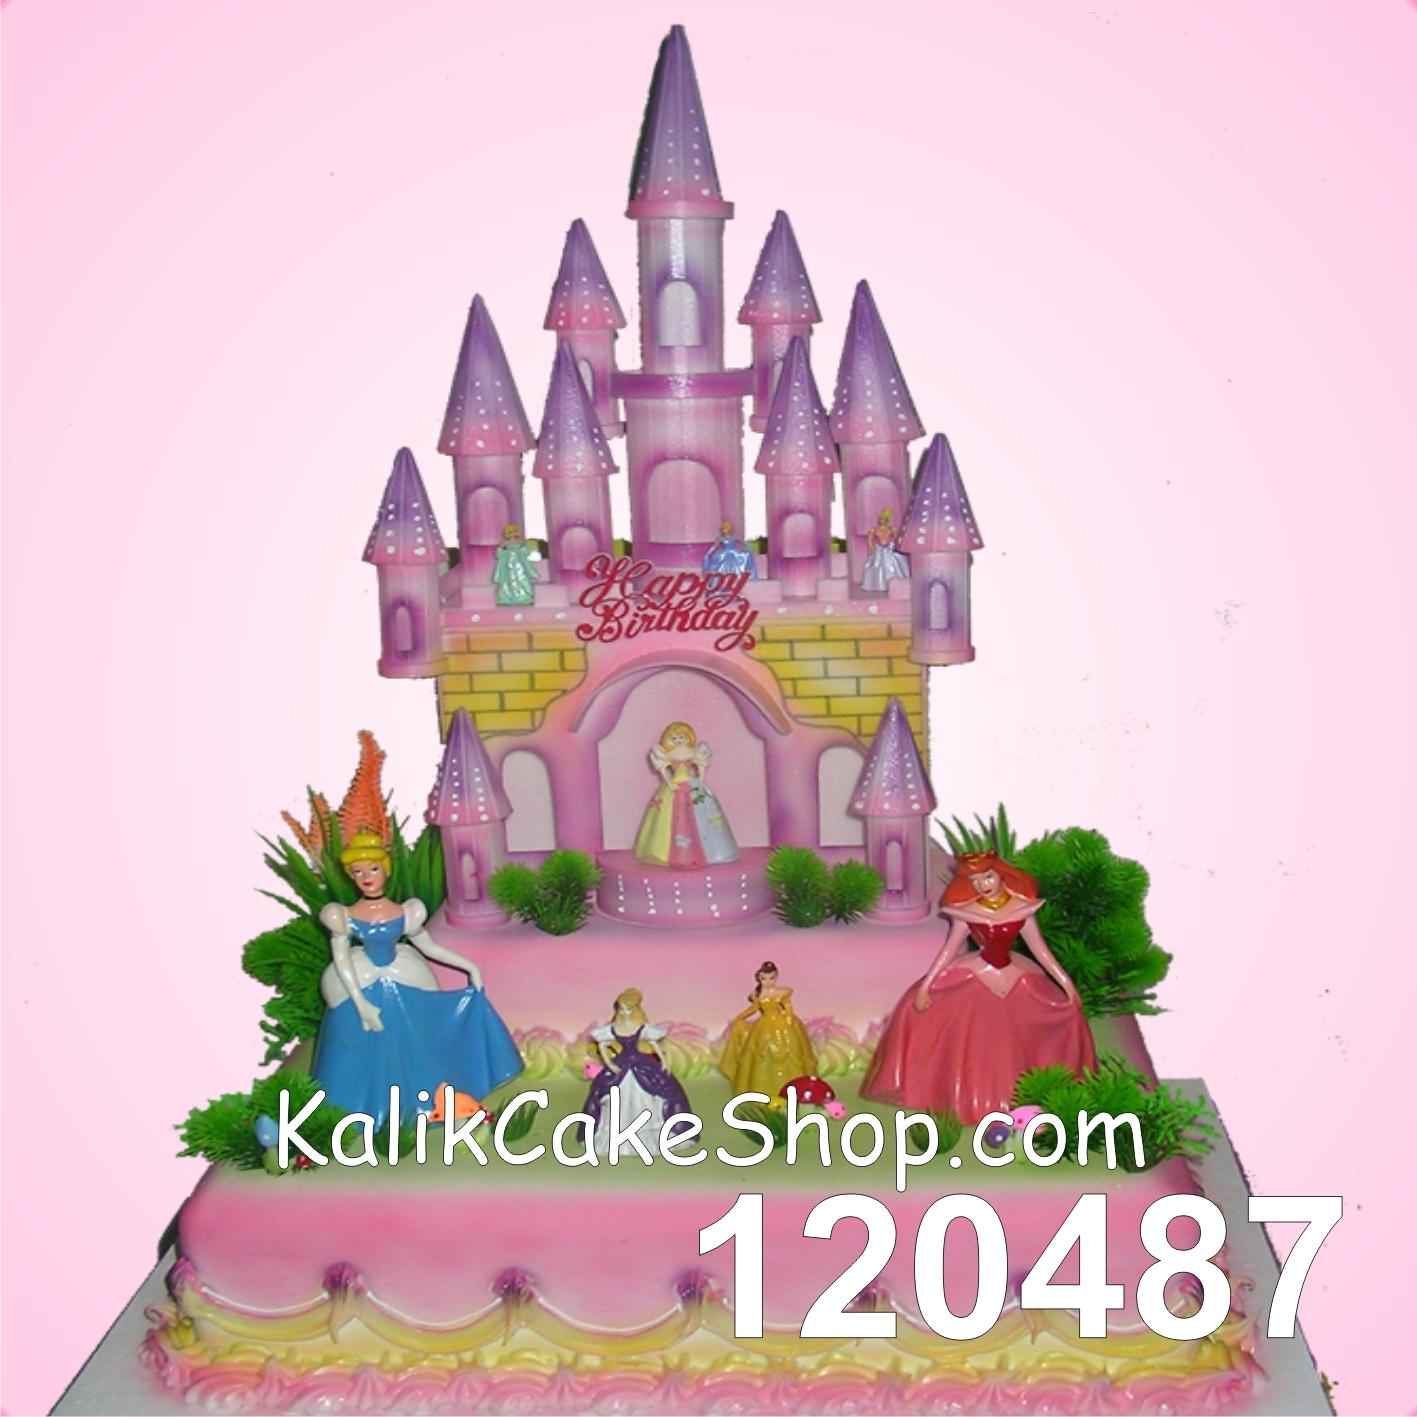 Kue Ulang tahun istana 30x30